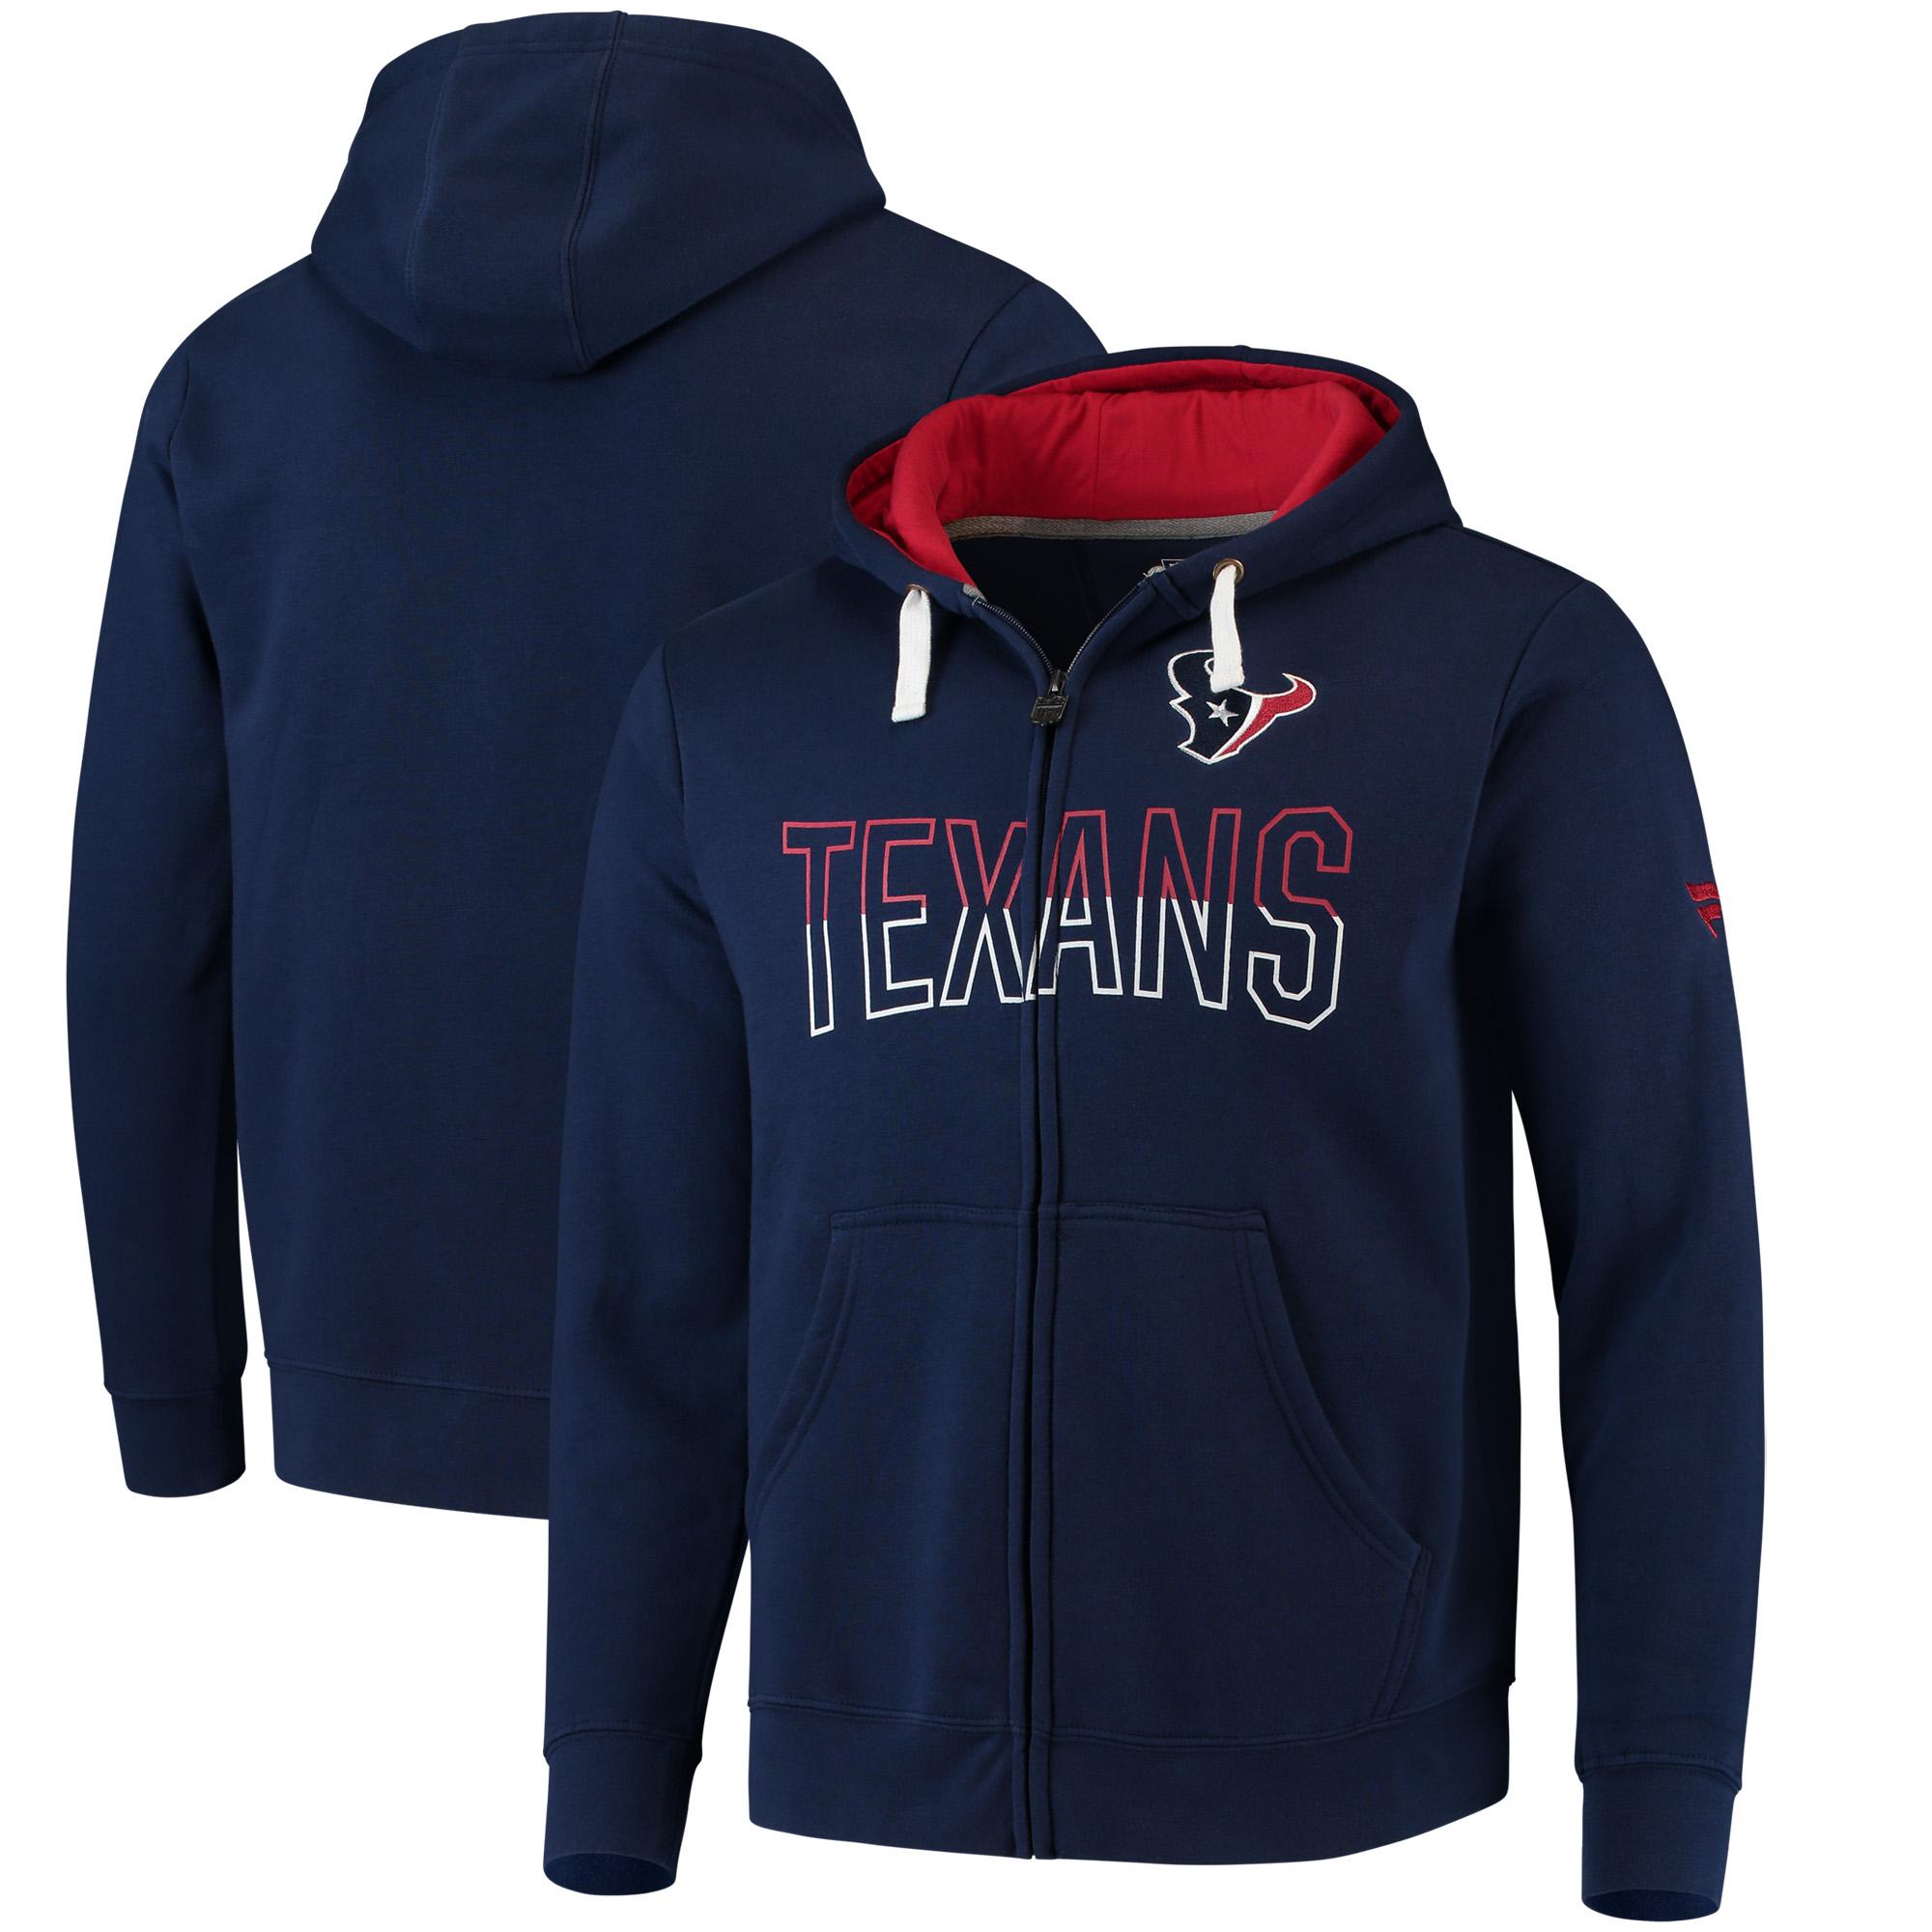 Men's NFL Pro Line by Fanatics Branded Navy Houston Texans Iconic Fleece Full-Zip Hoodie